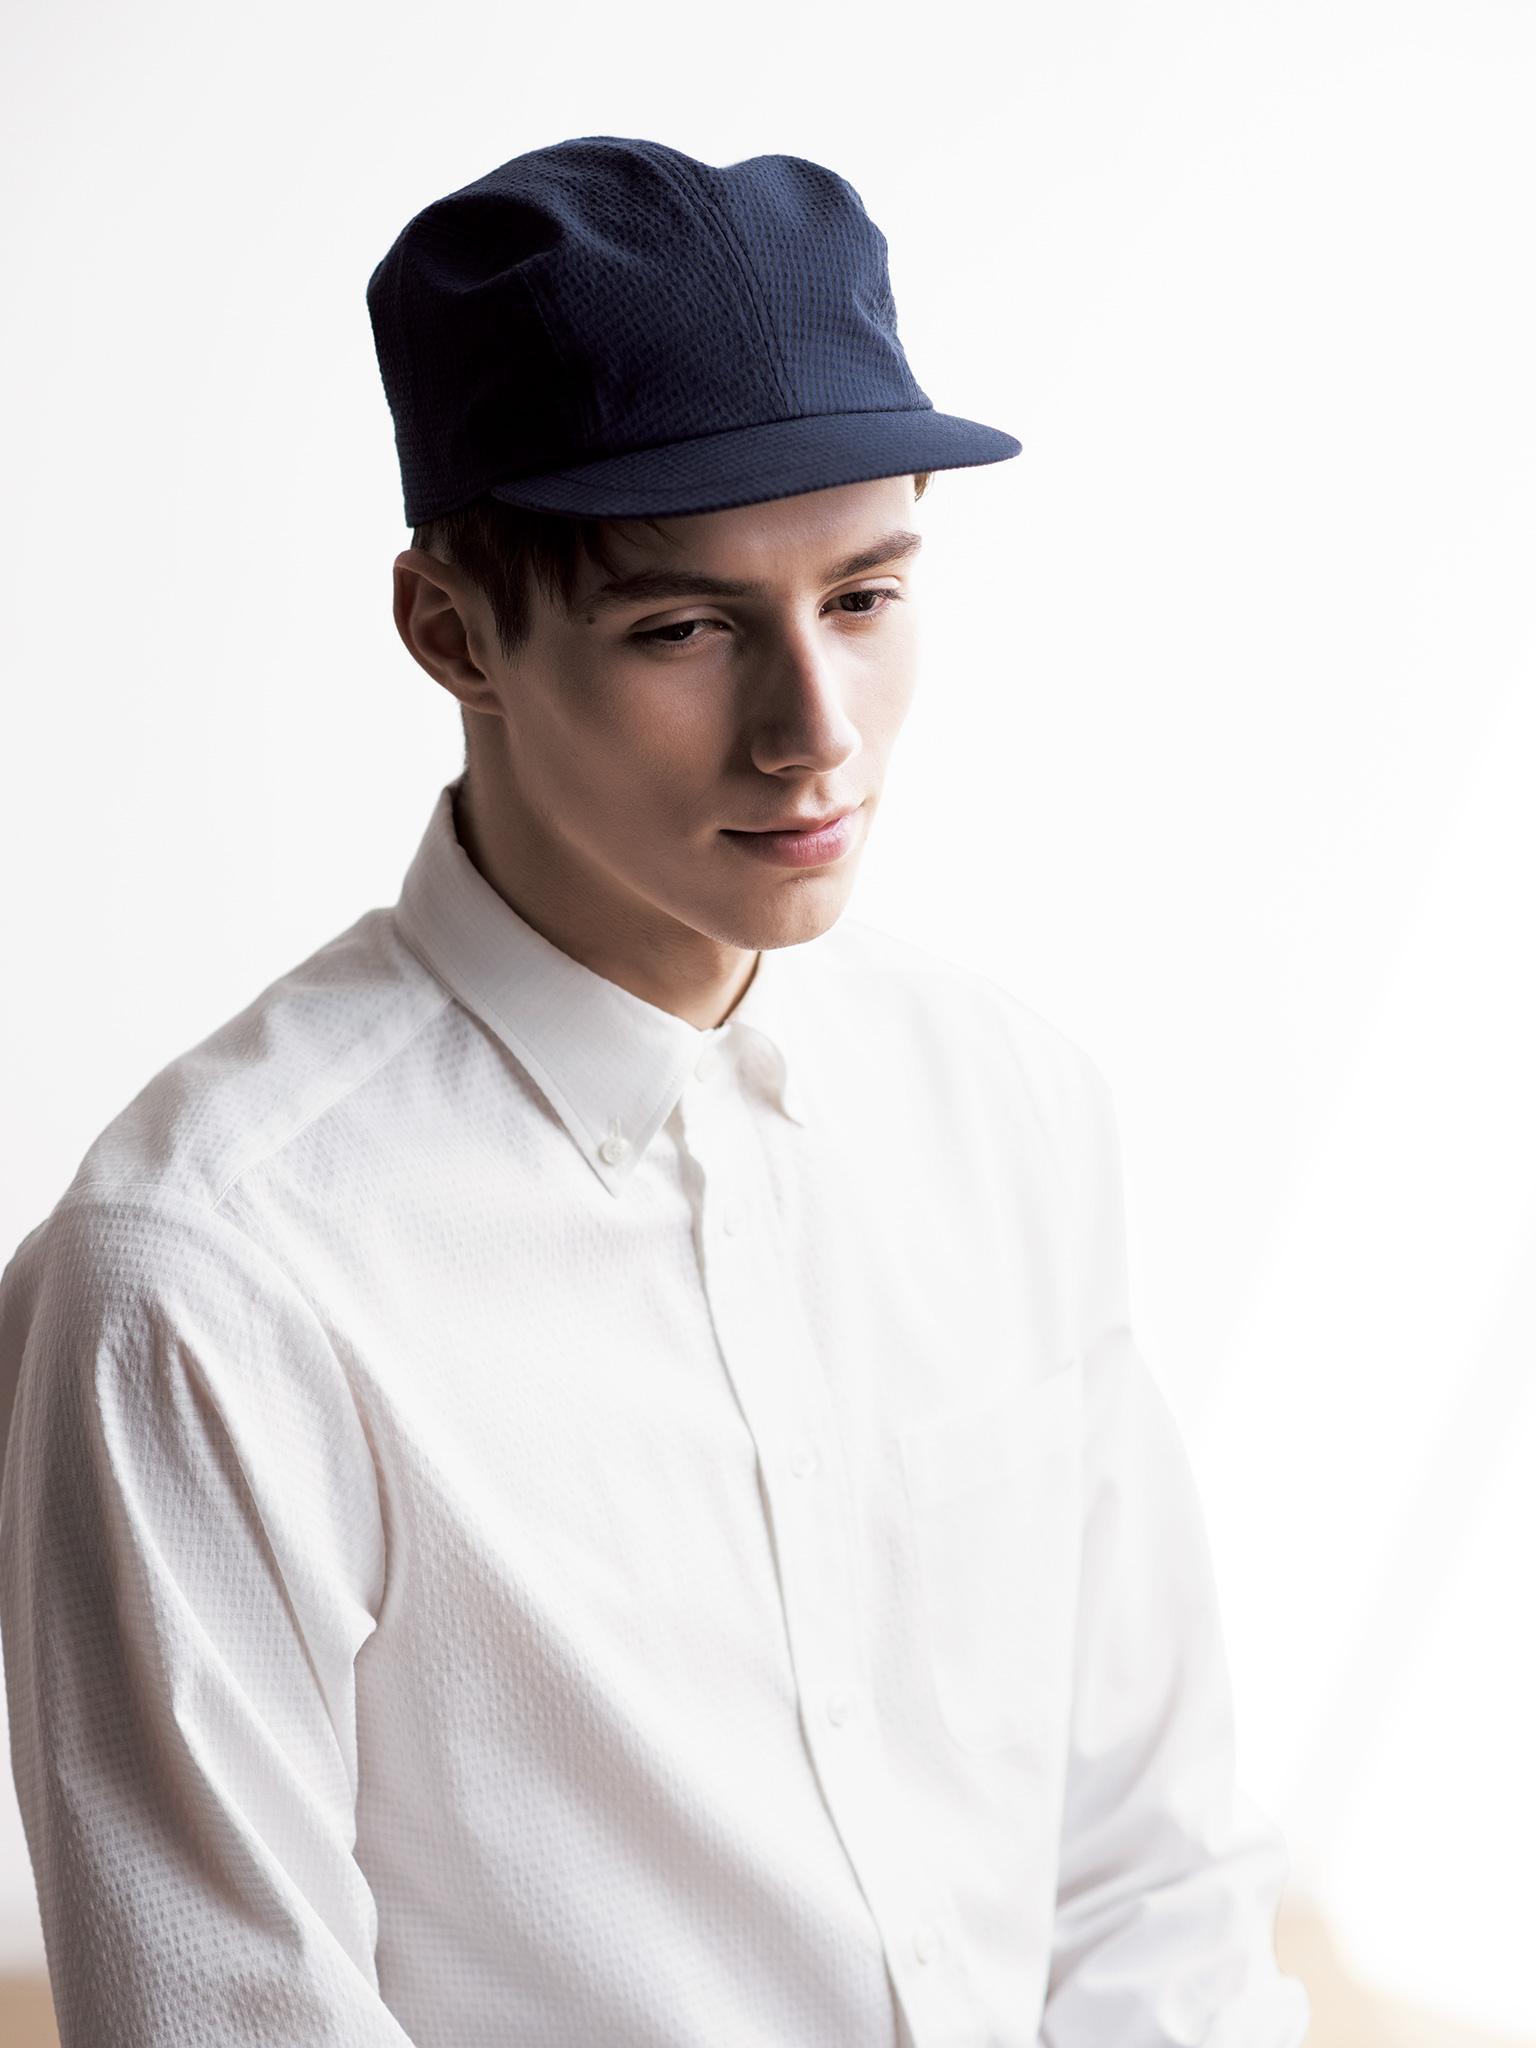 シアサッカー シャツ 帽子